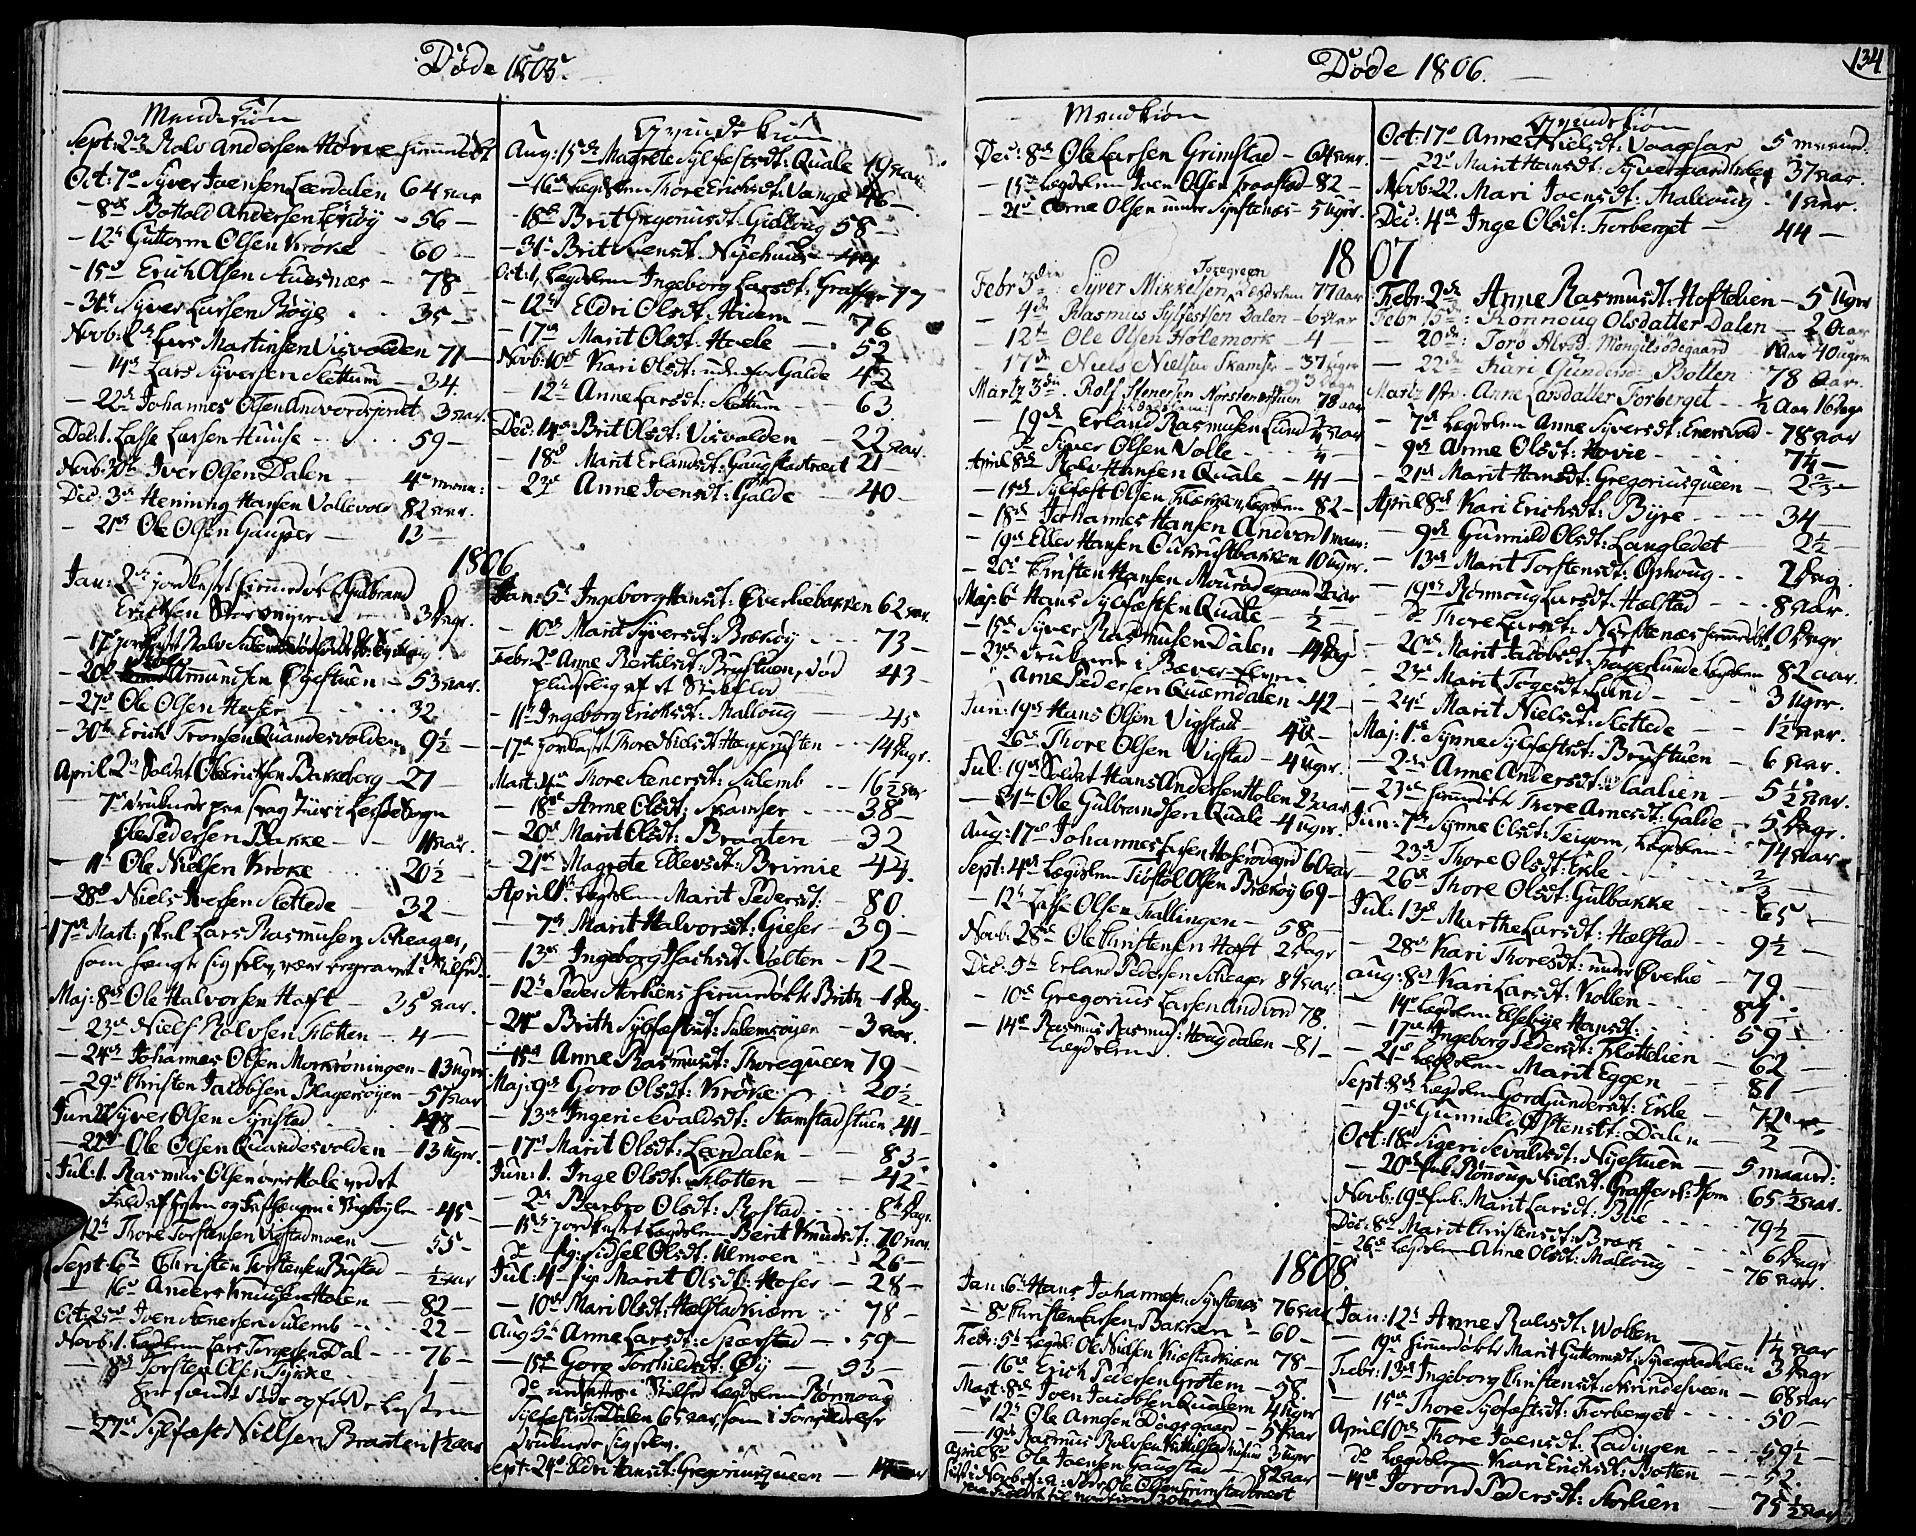 SAH, Lom prestekontor, K/L0003: Ministerialbok nr. 3, 1801-1825, s. 134